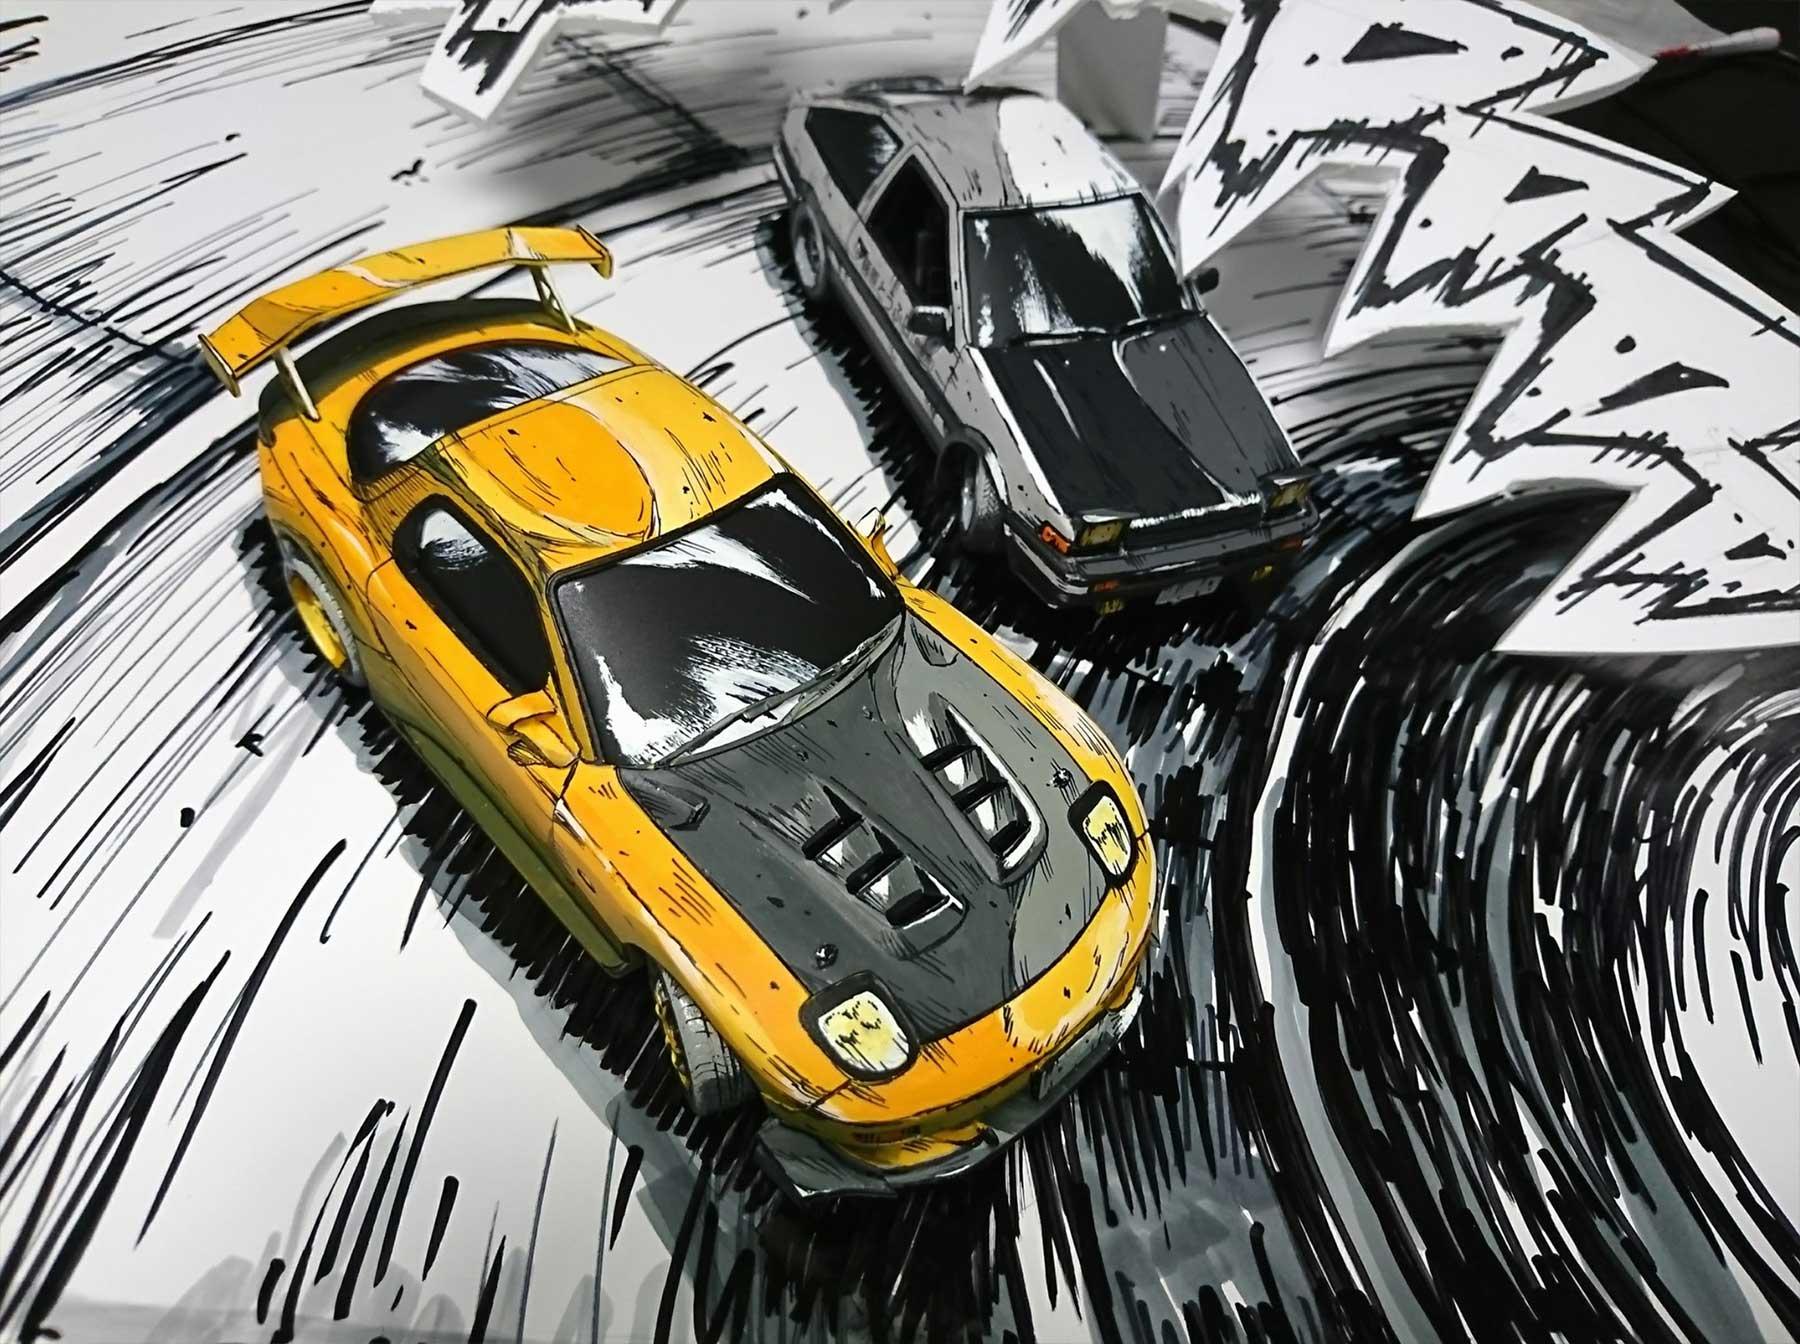 Comic-Zeichnung oder Foto? shinga-autos-illustration-oder-foto_02